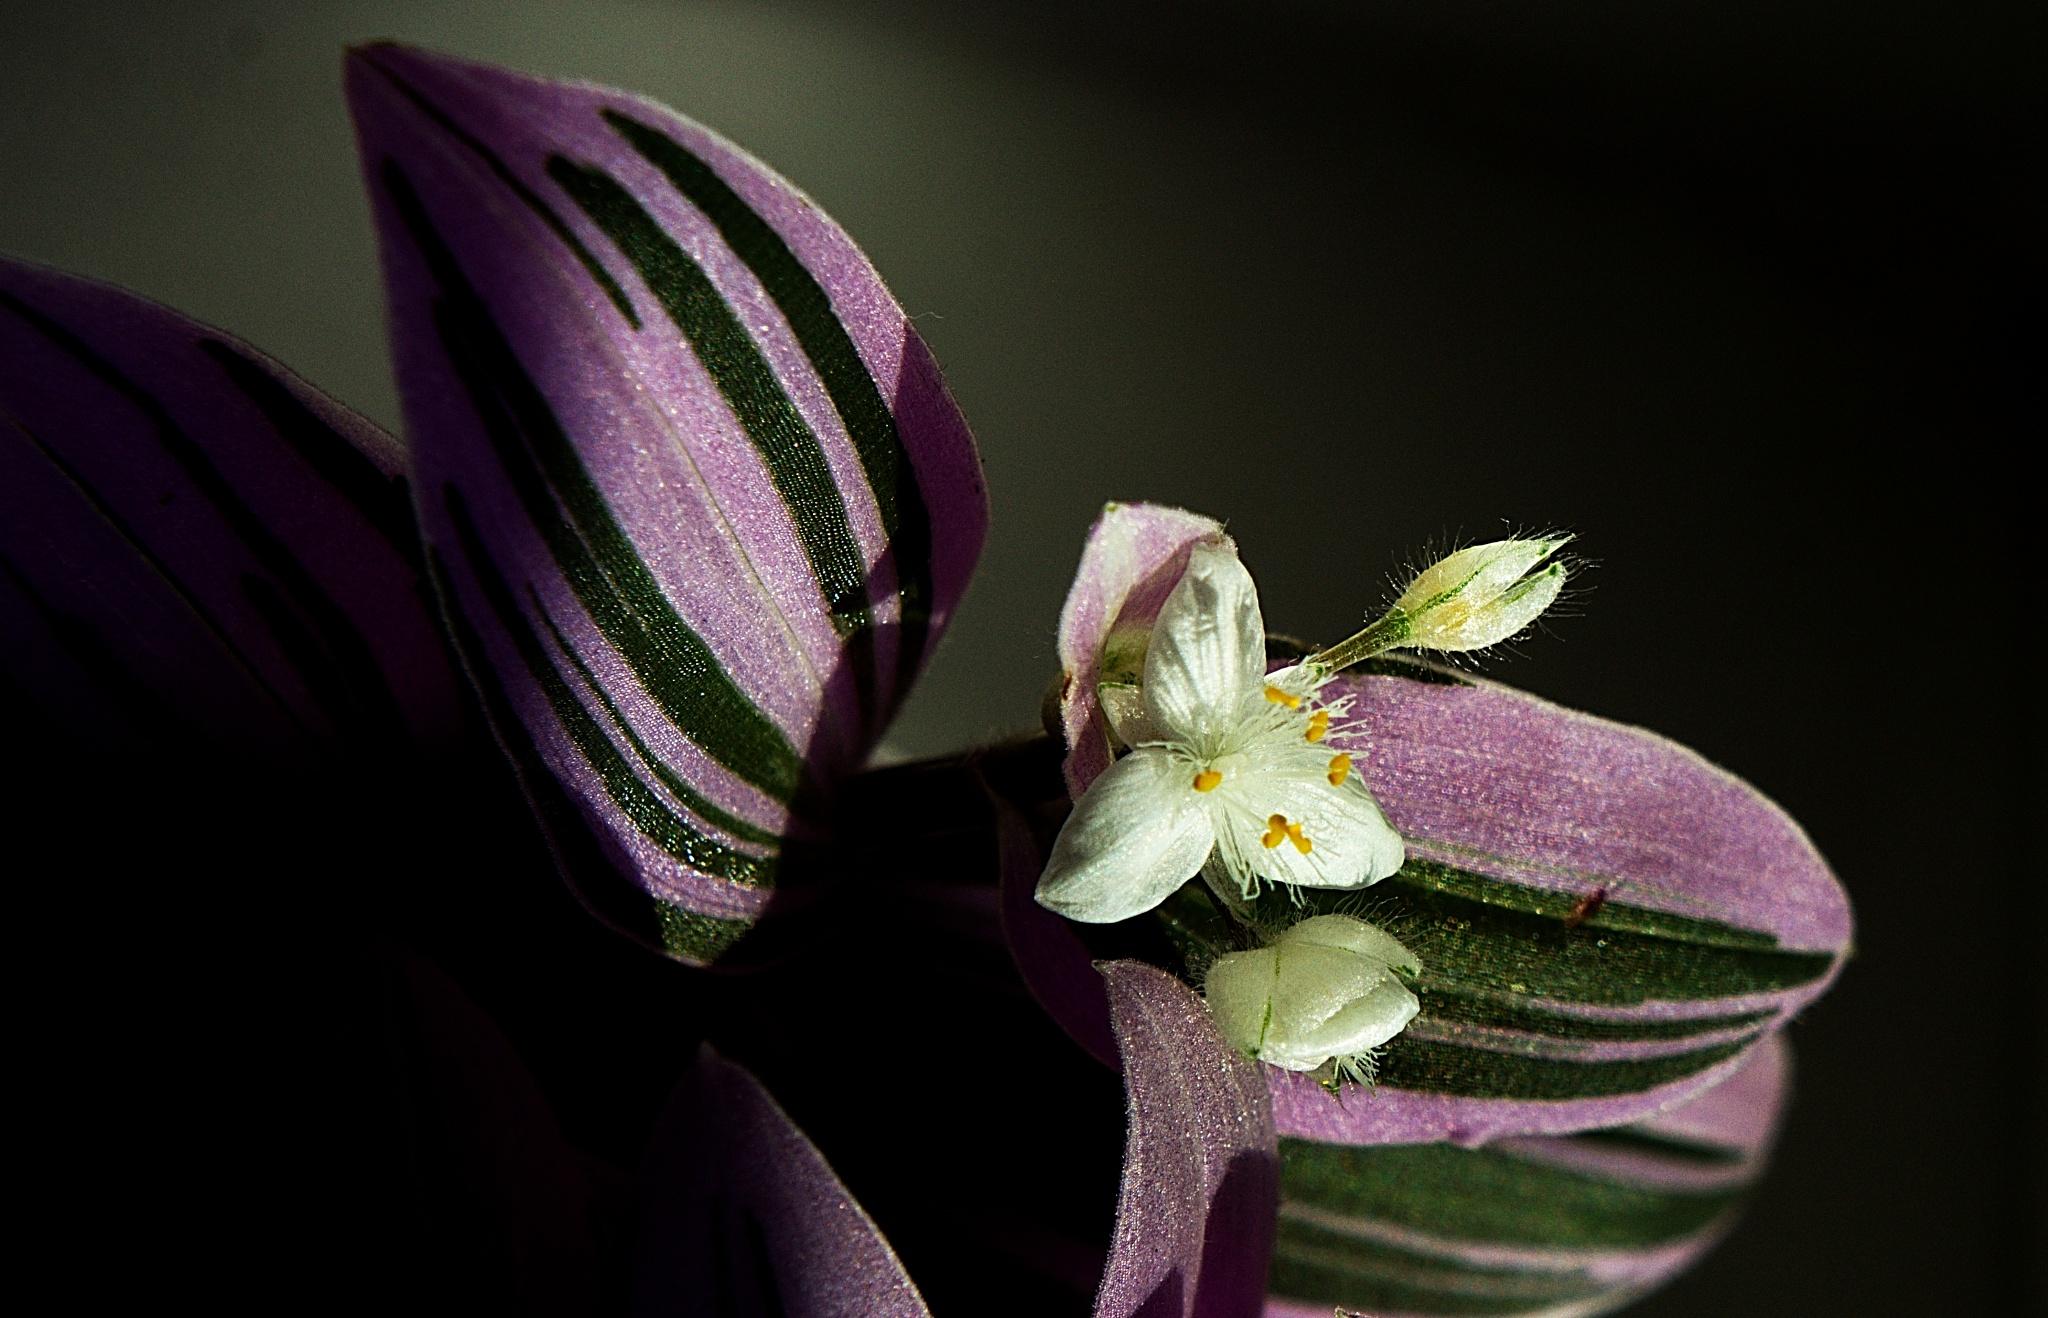 Tradescantia - spiderworts by kleckaj6